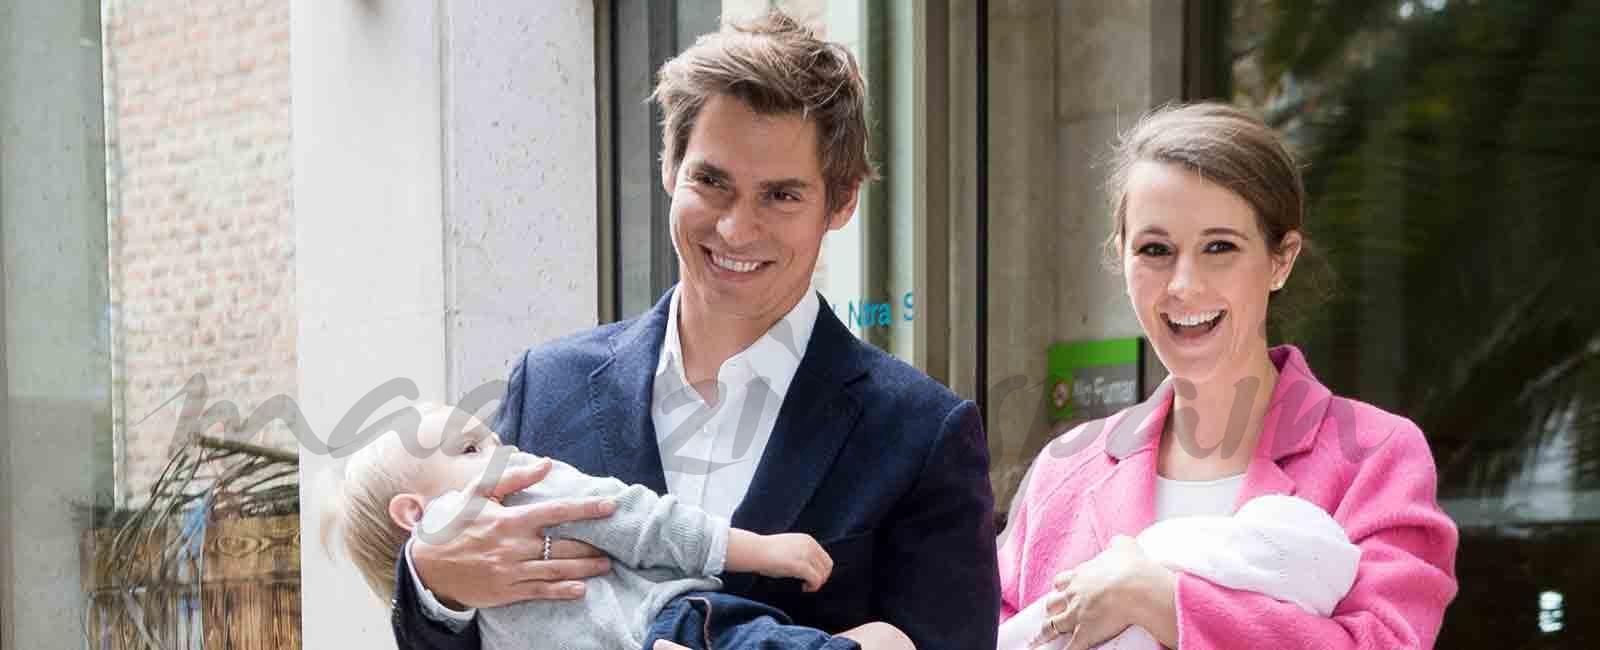 Carlos Baute y Astrid Klisans de nuevo padres